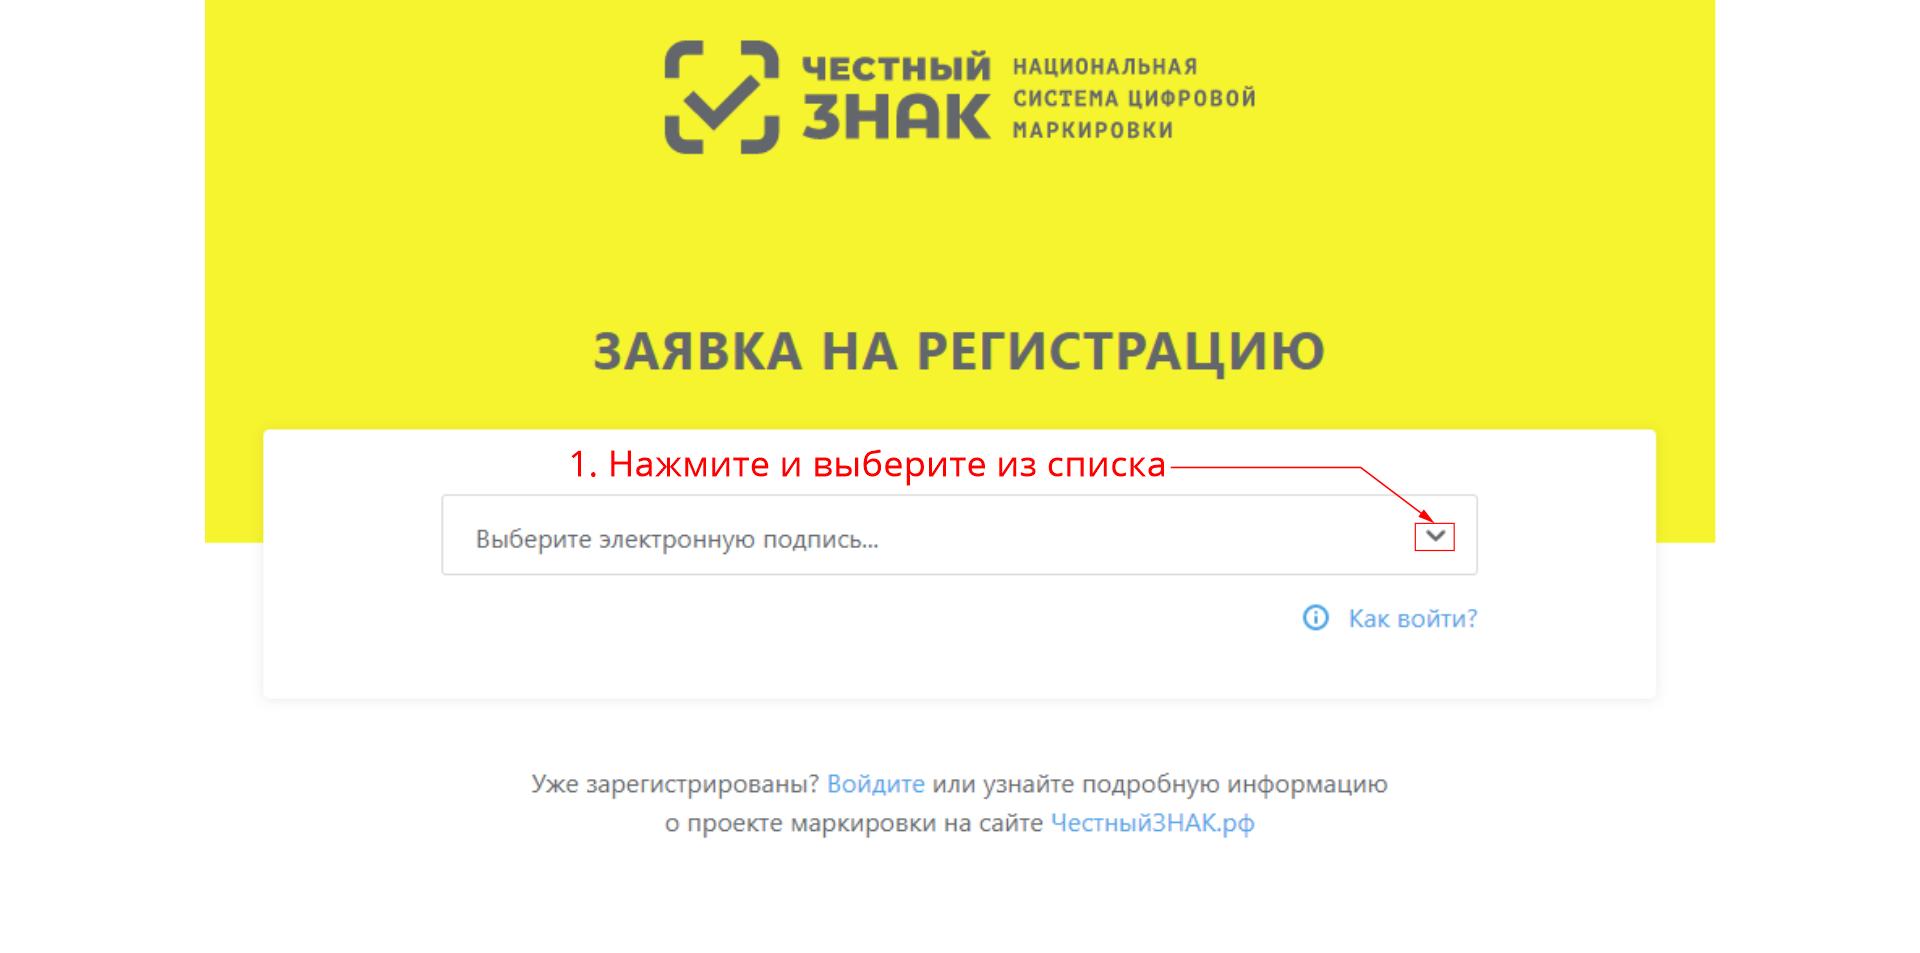 """Выбор КЭП для подачи заявки на регистрацию в системе """"Честный Знак"""""""